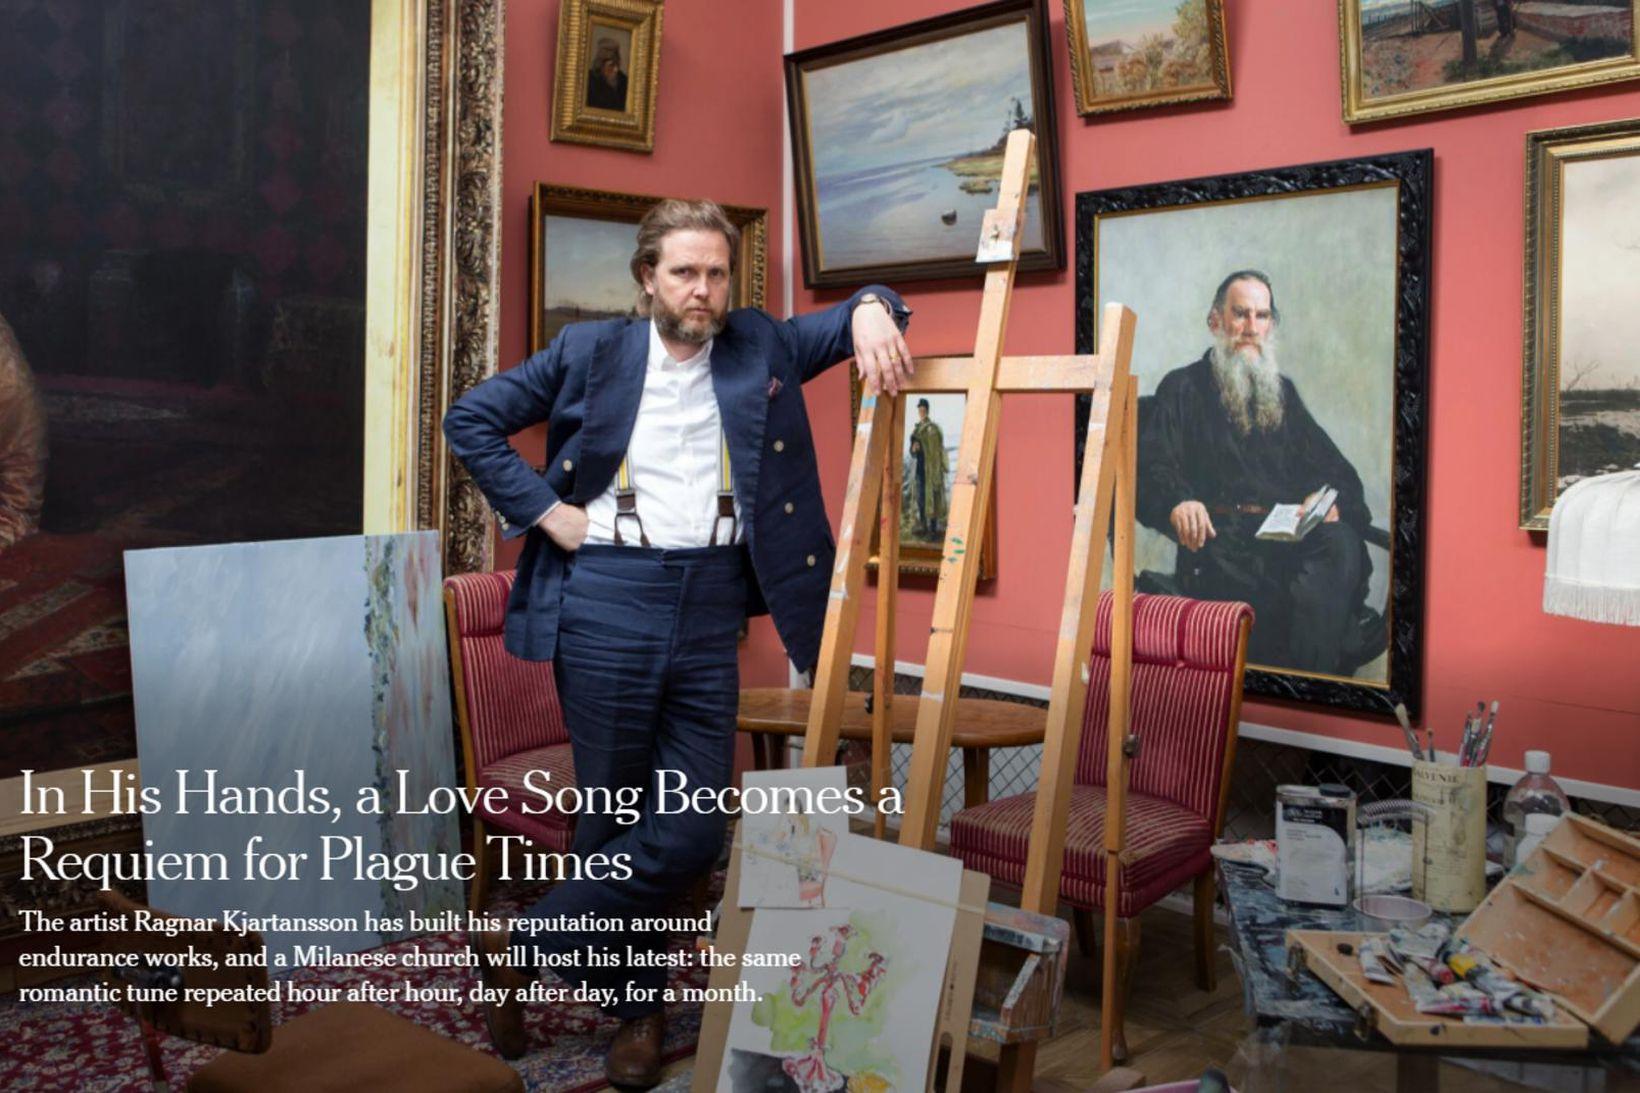 Fjallað er um Ragnar Kjartansson í New York Times í …